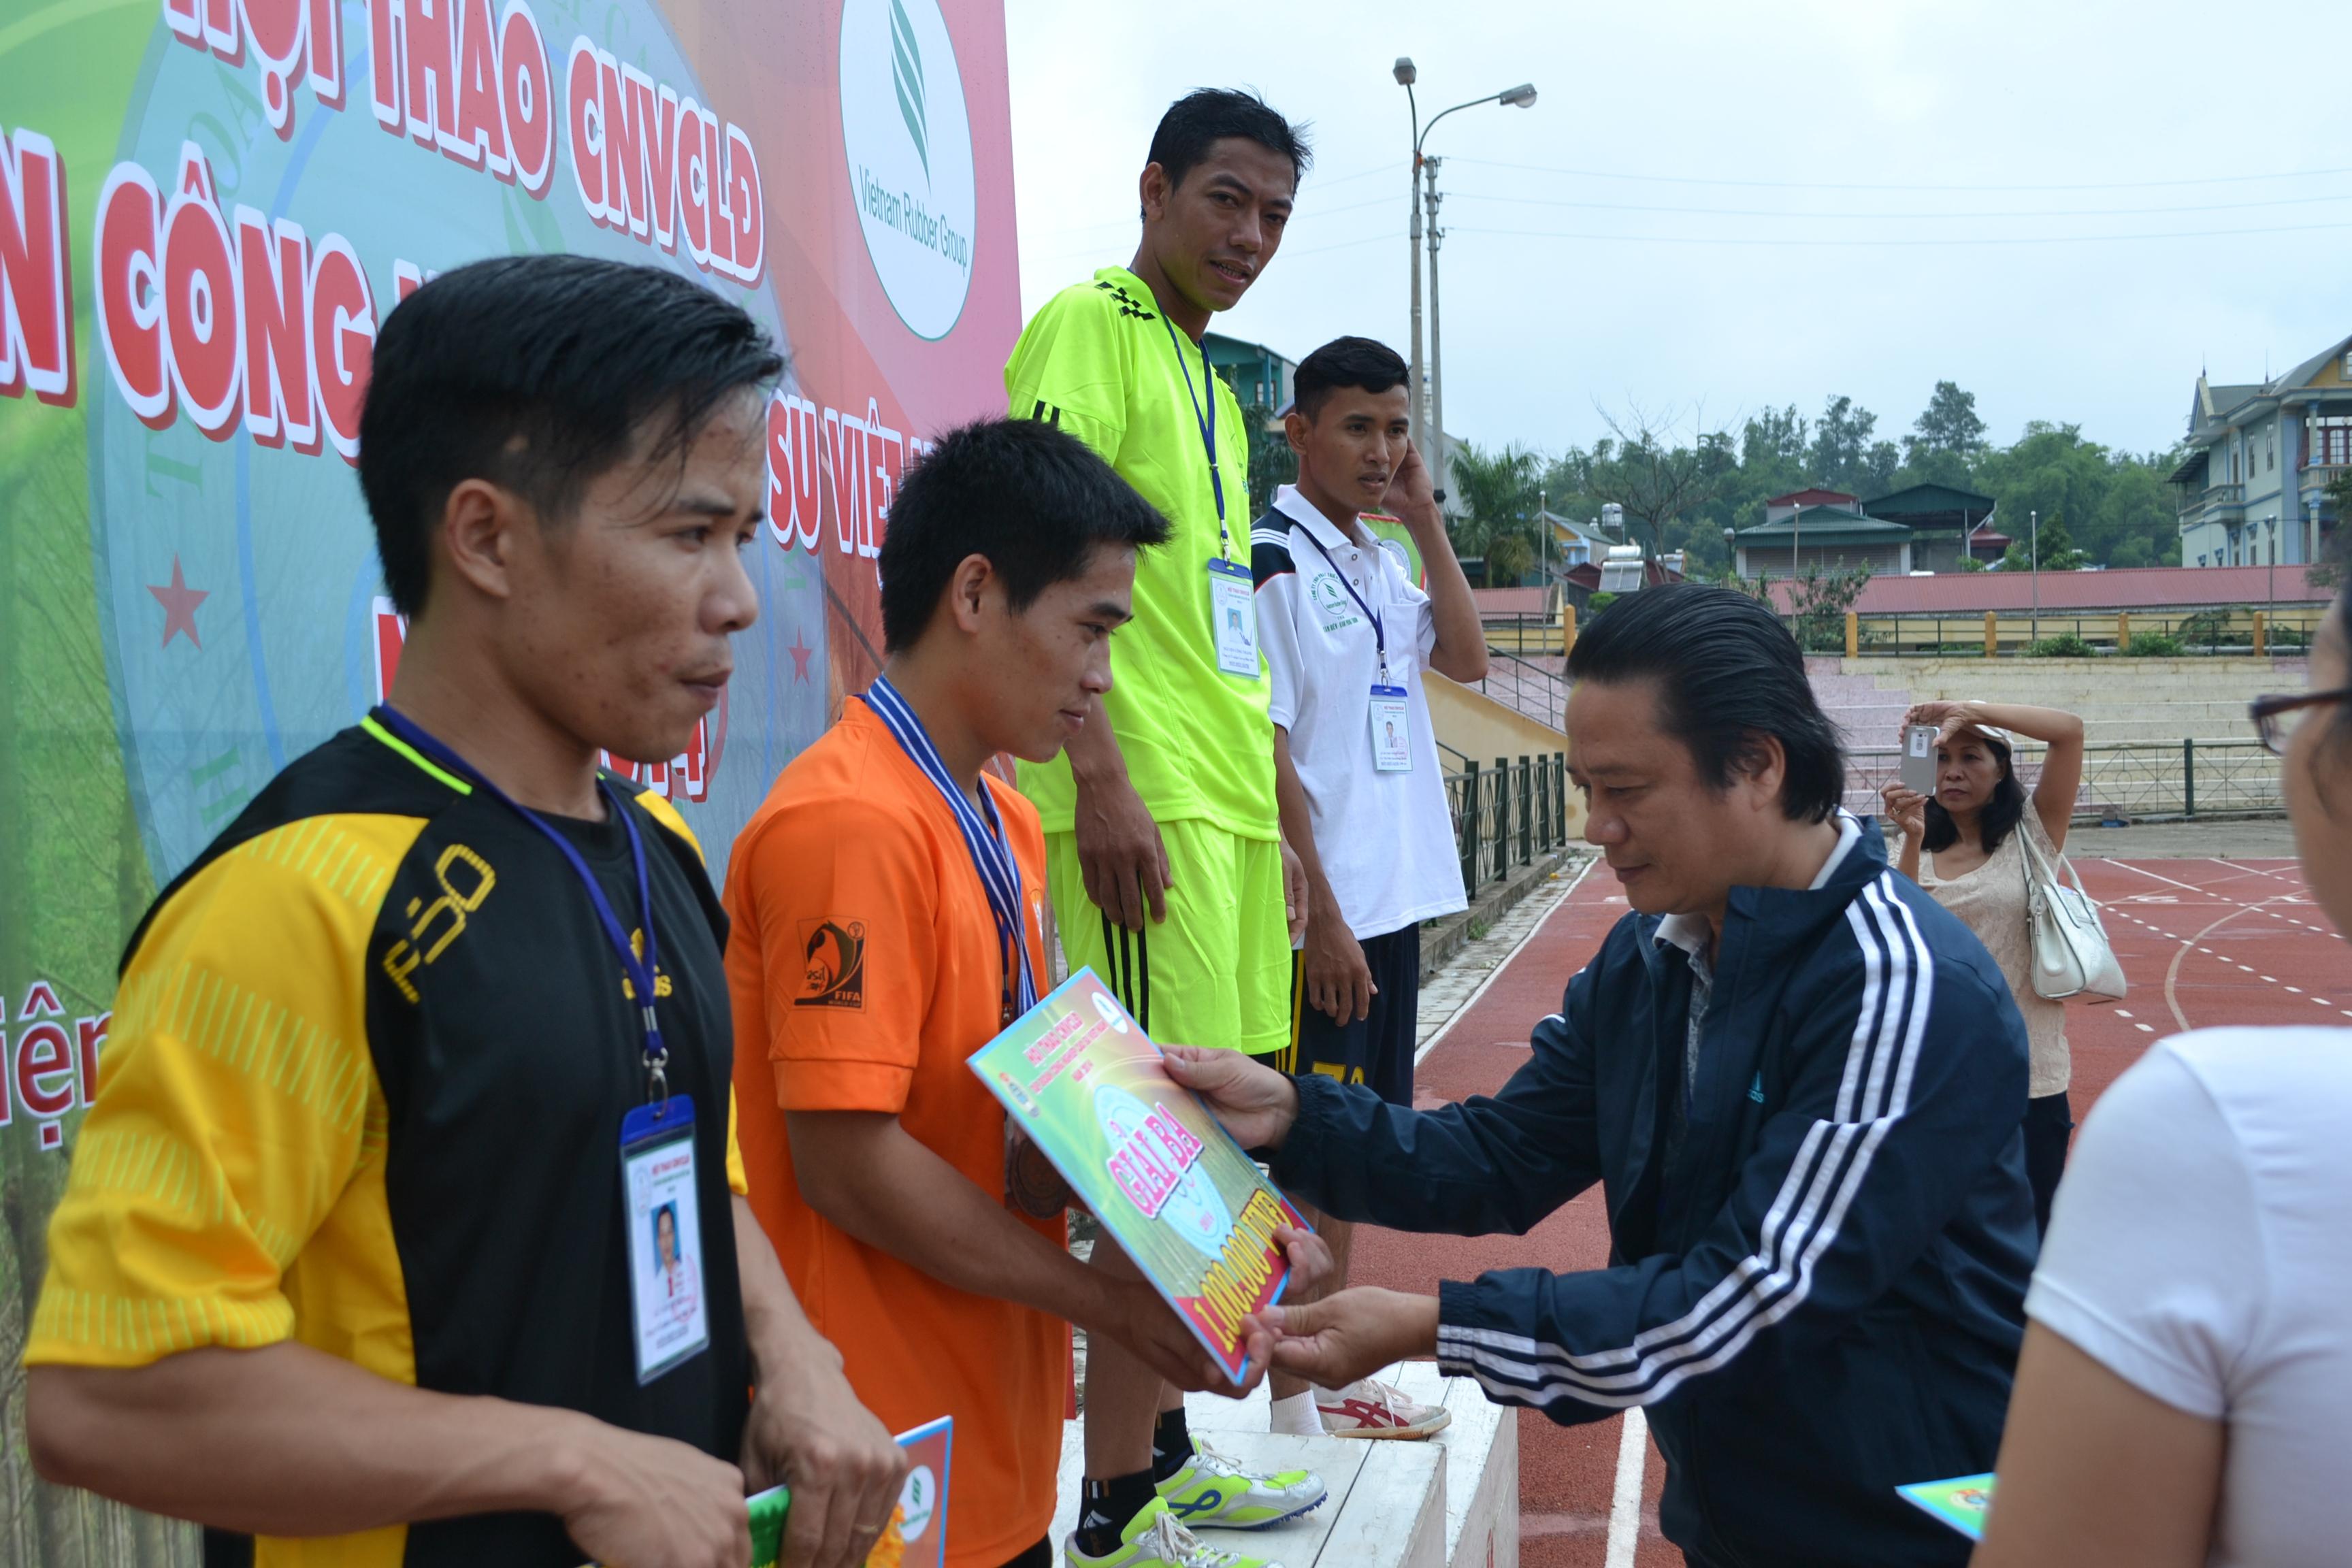 Description: Ông Phan Viết Phùng - Phó Ban tổ chức trao huy chương các loại cho vận động viên bộ môn điền kinh cự ly 200 mét nam